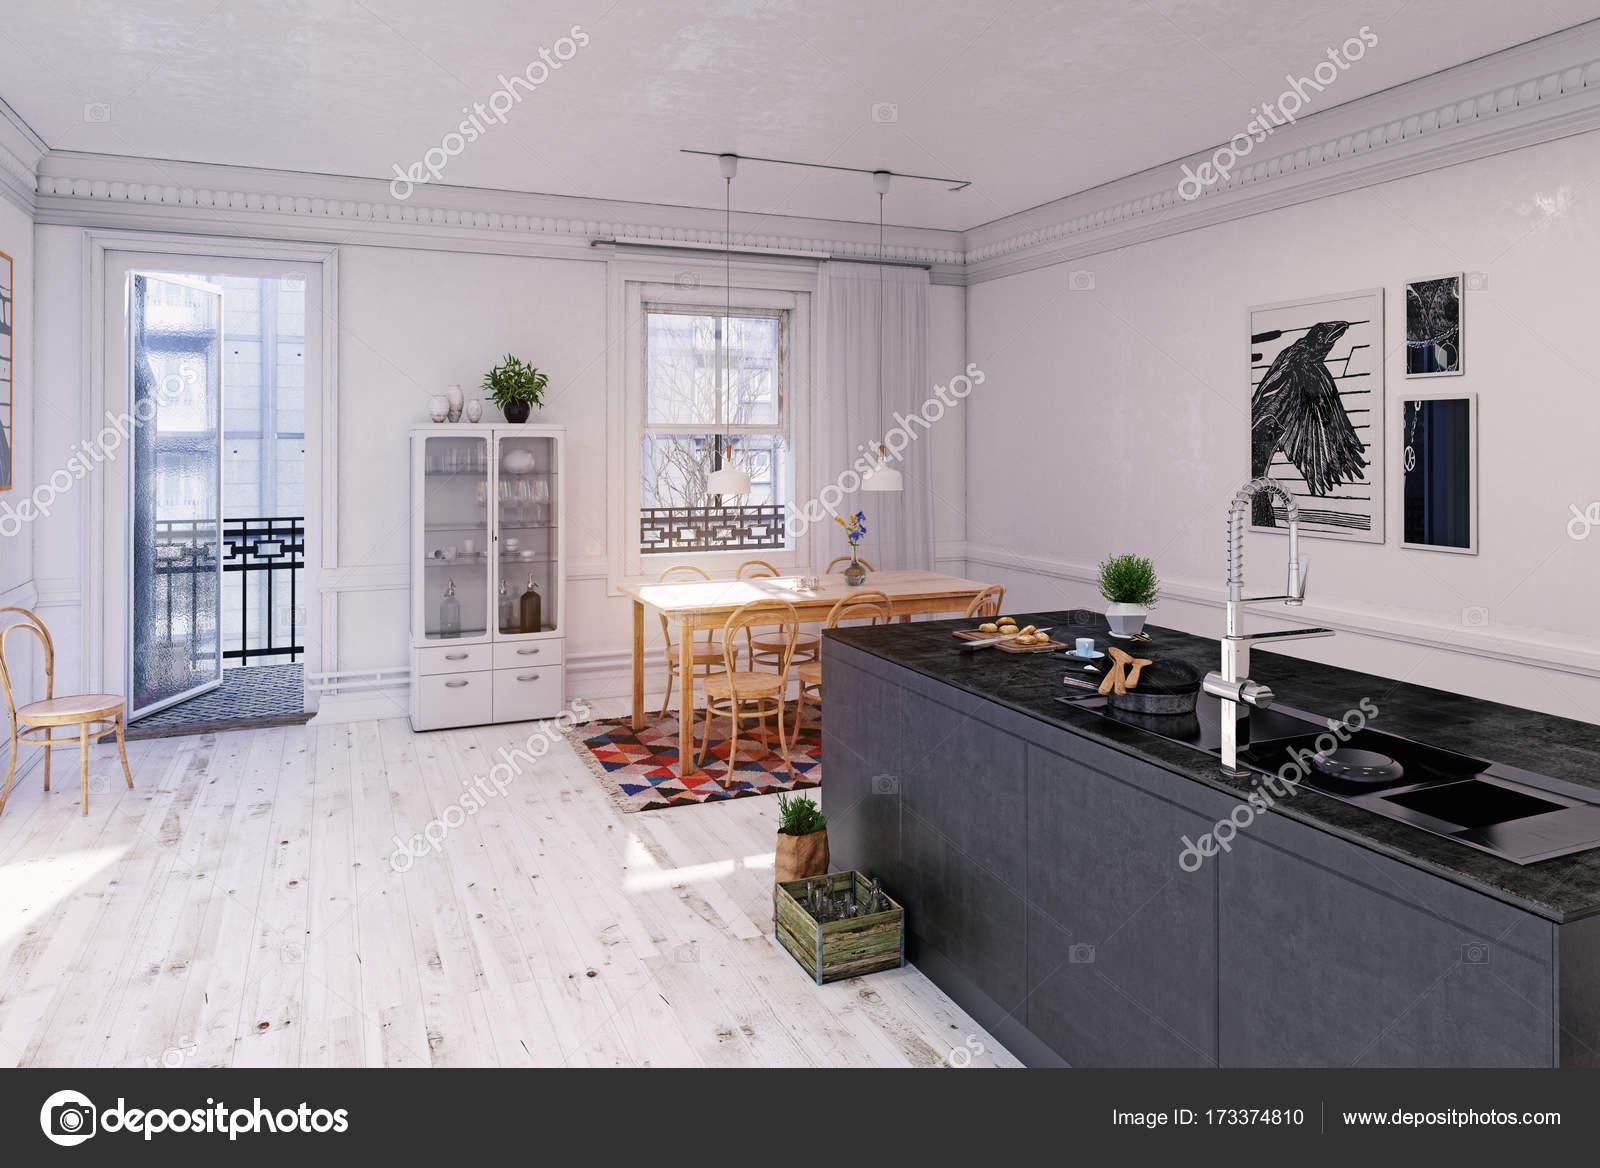 Schön Küche Innenarchitektur Bilder Herunterladen Galerie - Küchen ...